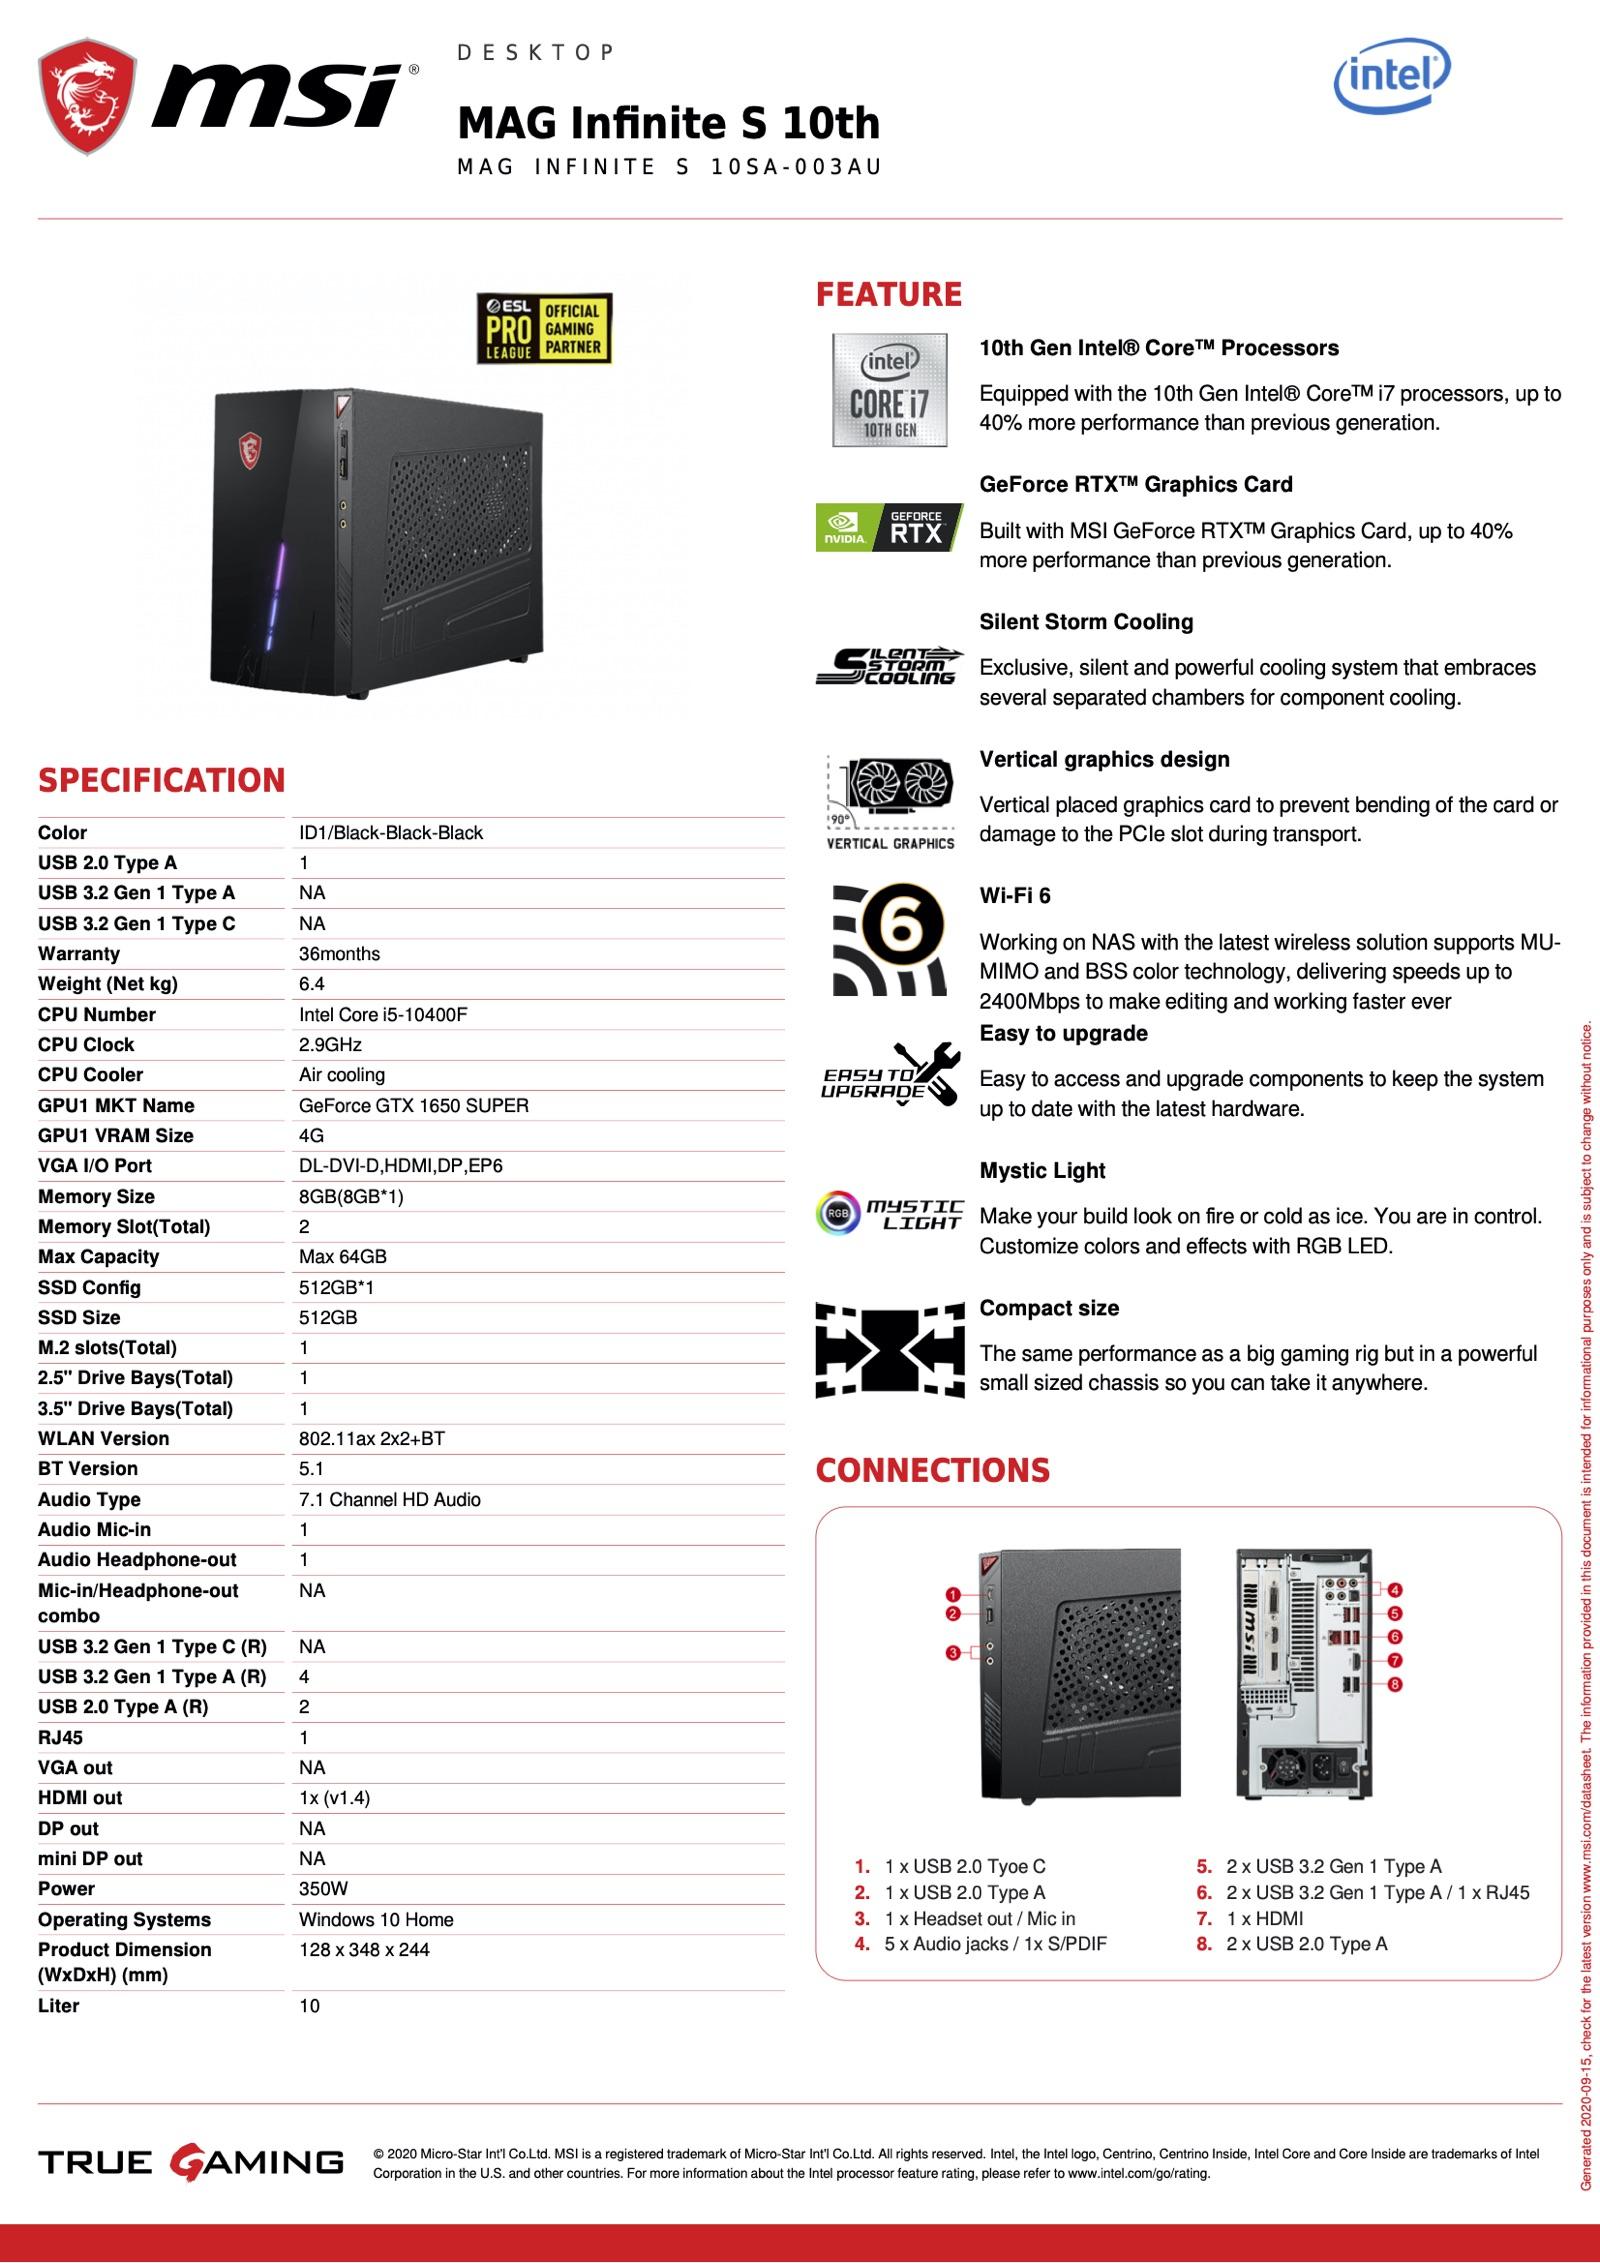 msi-mag-infinite-s-10sa-003au-datasheet